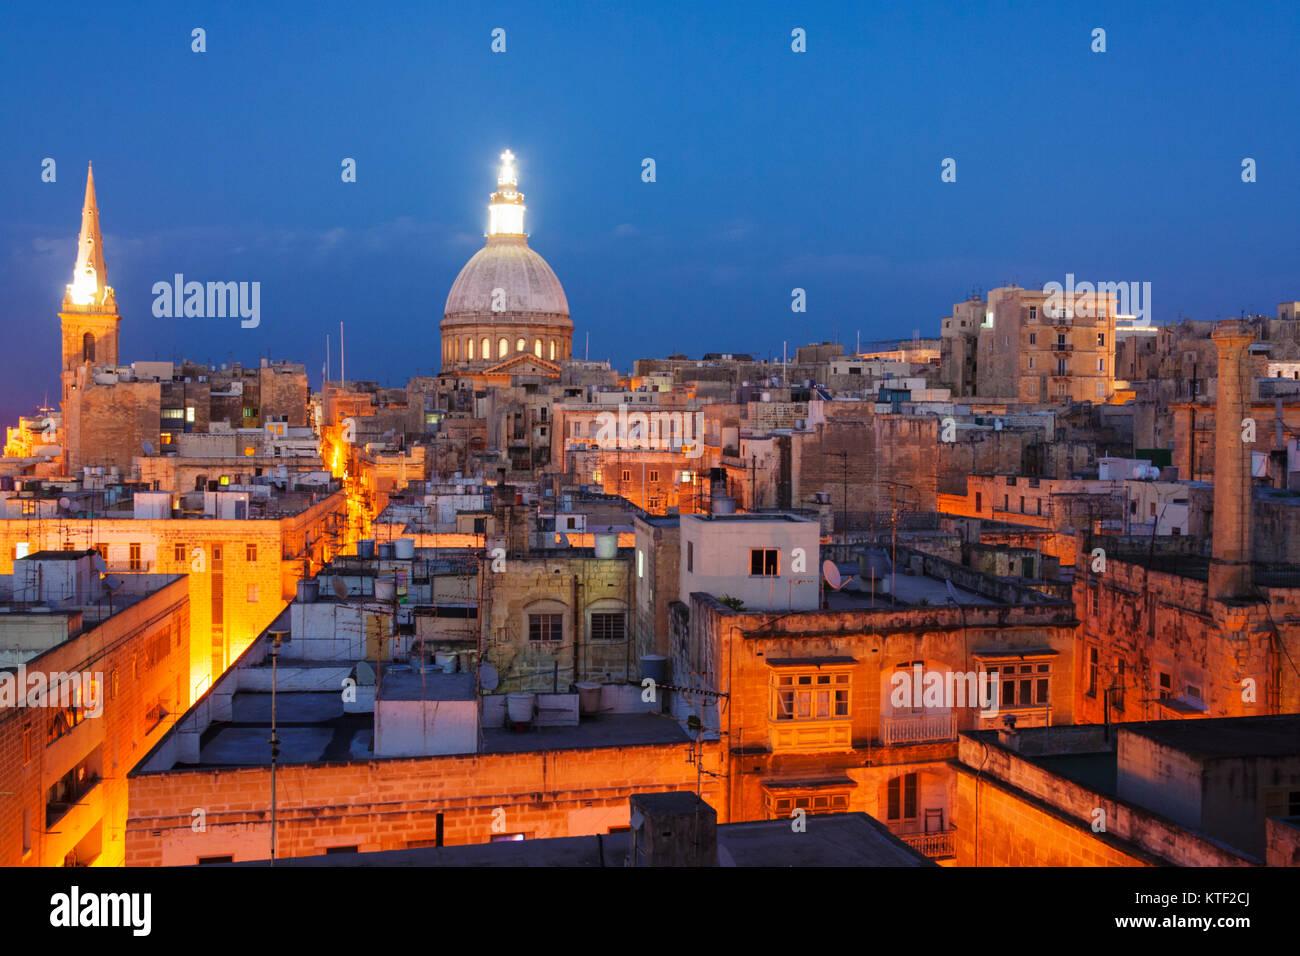 Overview at dusk of illuminated historic city of Valletta, Malta - Stock Image